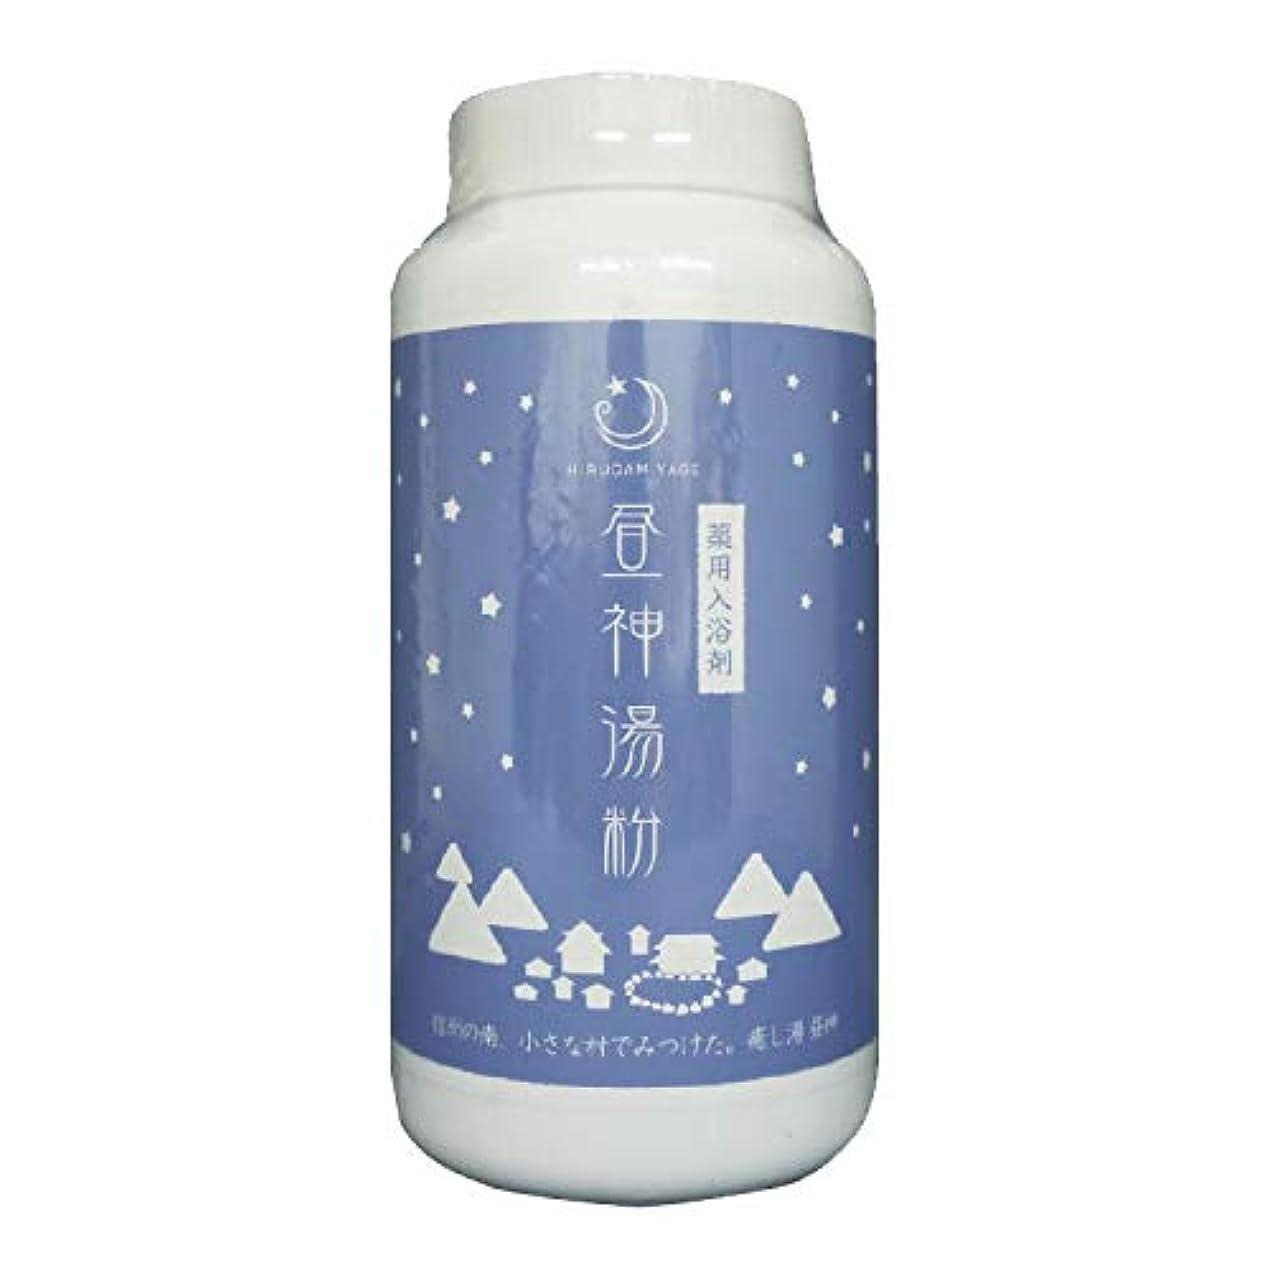 毎月ピアインシュレータ昼神の湯 薬用入浴剤(医薬部外品)ボトル 昼神温泉郷